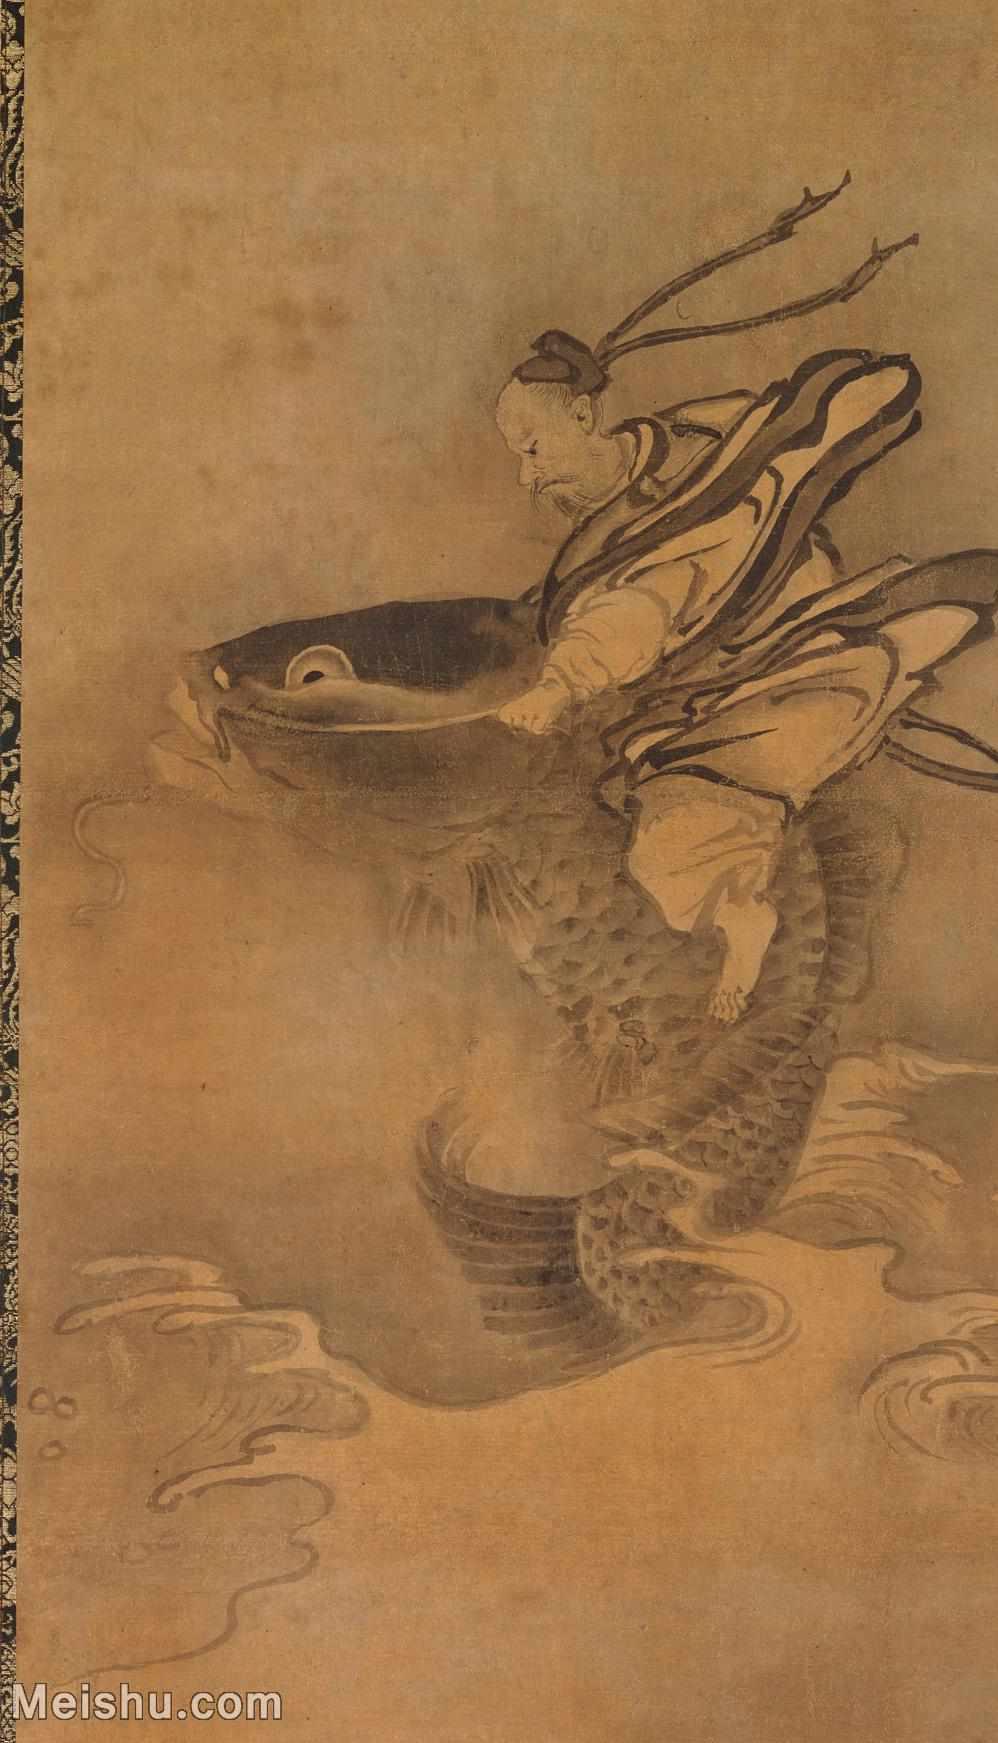 【印刷级】GH6086266古画人物琴高群仙图立轴图片-64M-3584X6254_14835320.jpg